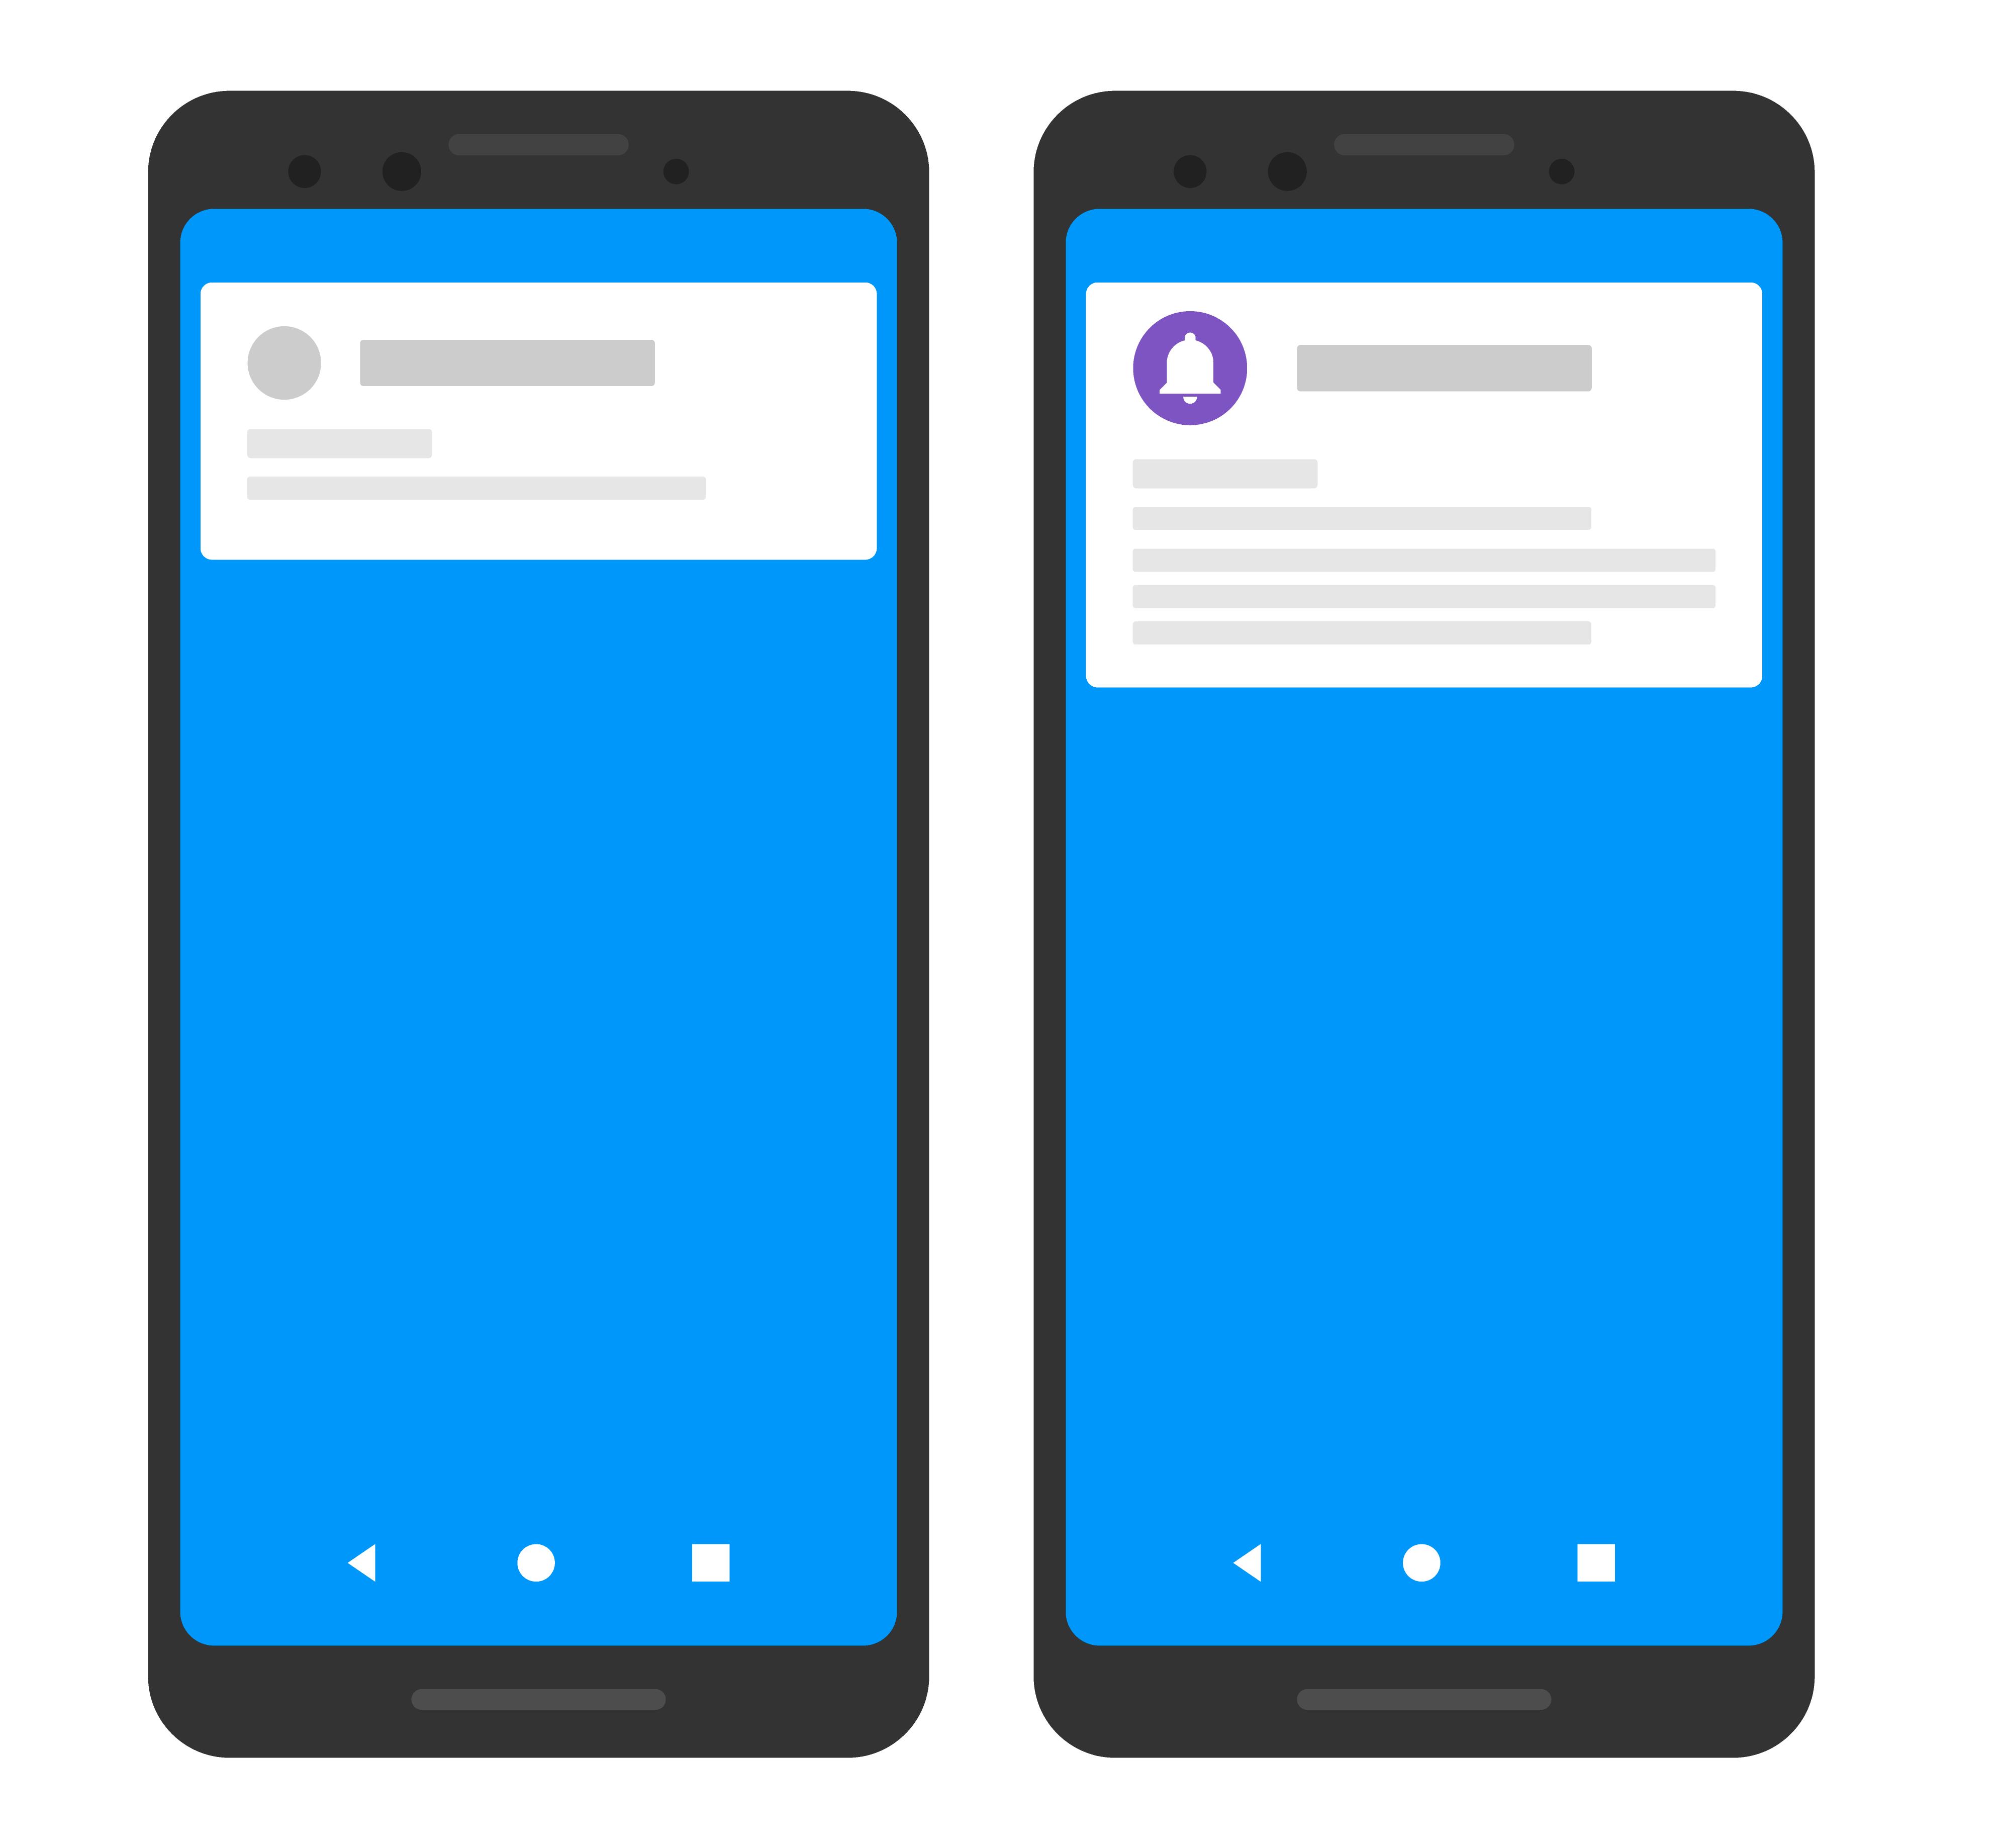 Gambar sederhana dua perangkat, yang satu menampilkan ikon dan warna khusus